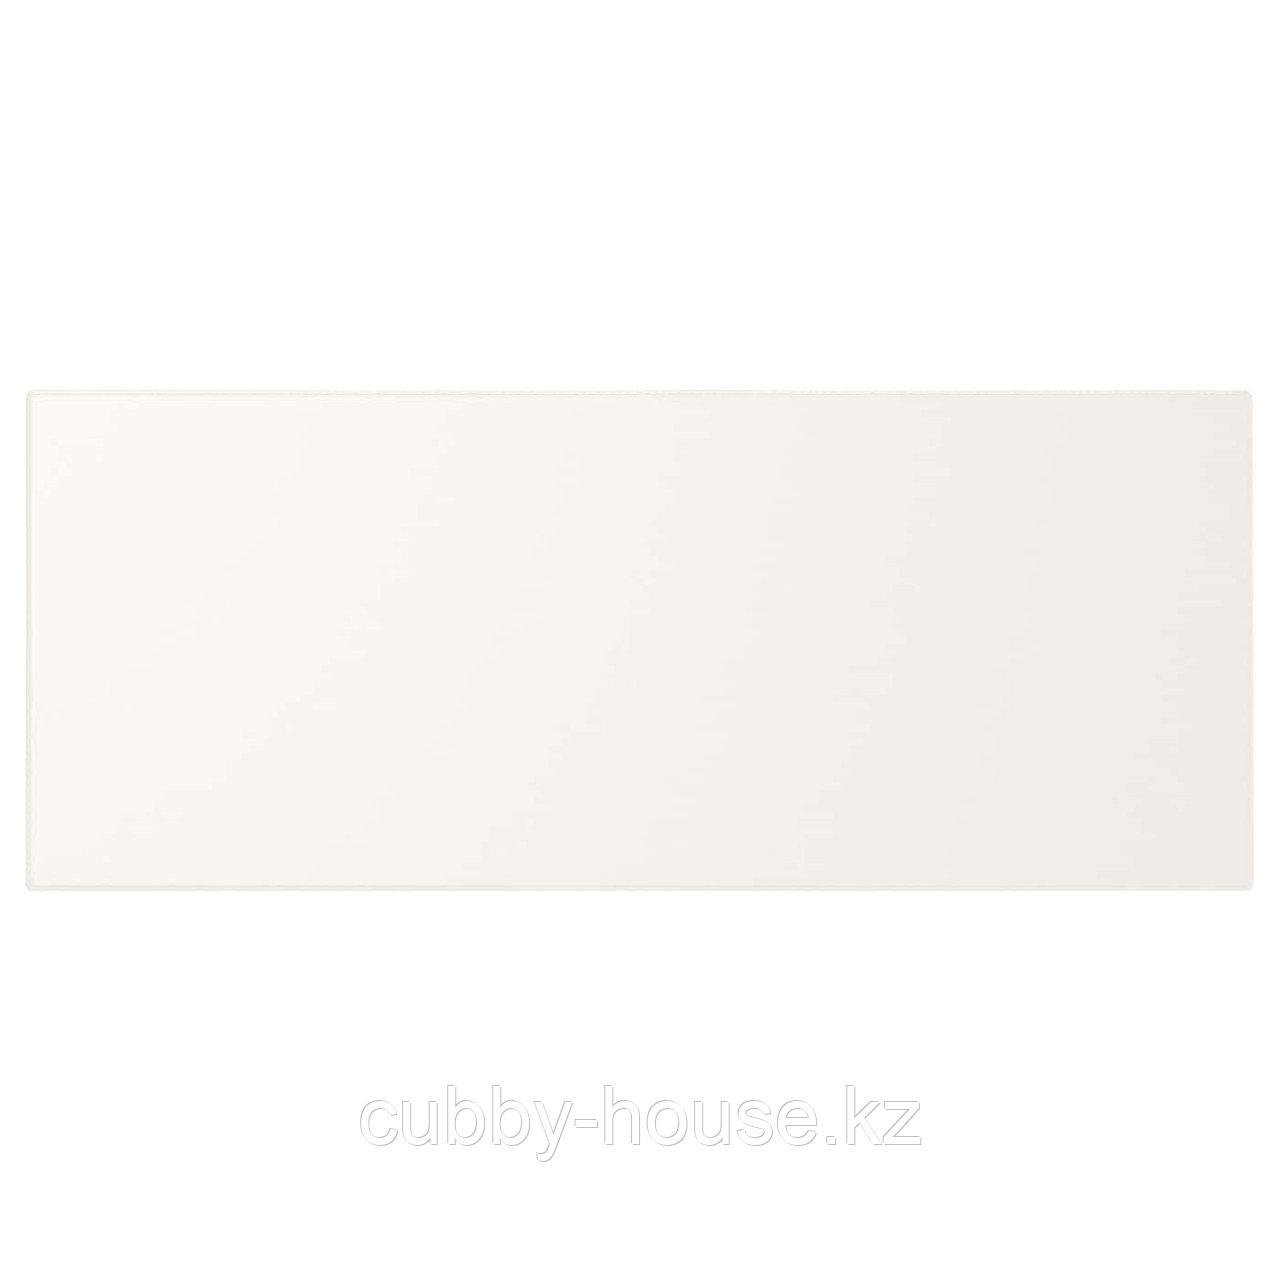 УТРУСТА Фронтальная панель ящика, средняя, белый, 80 см